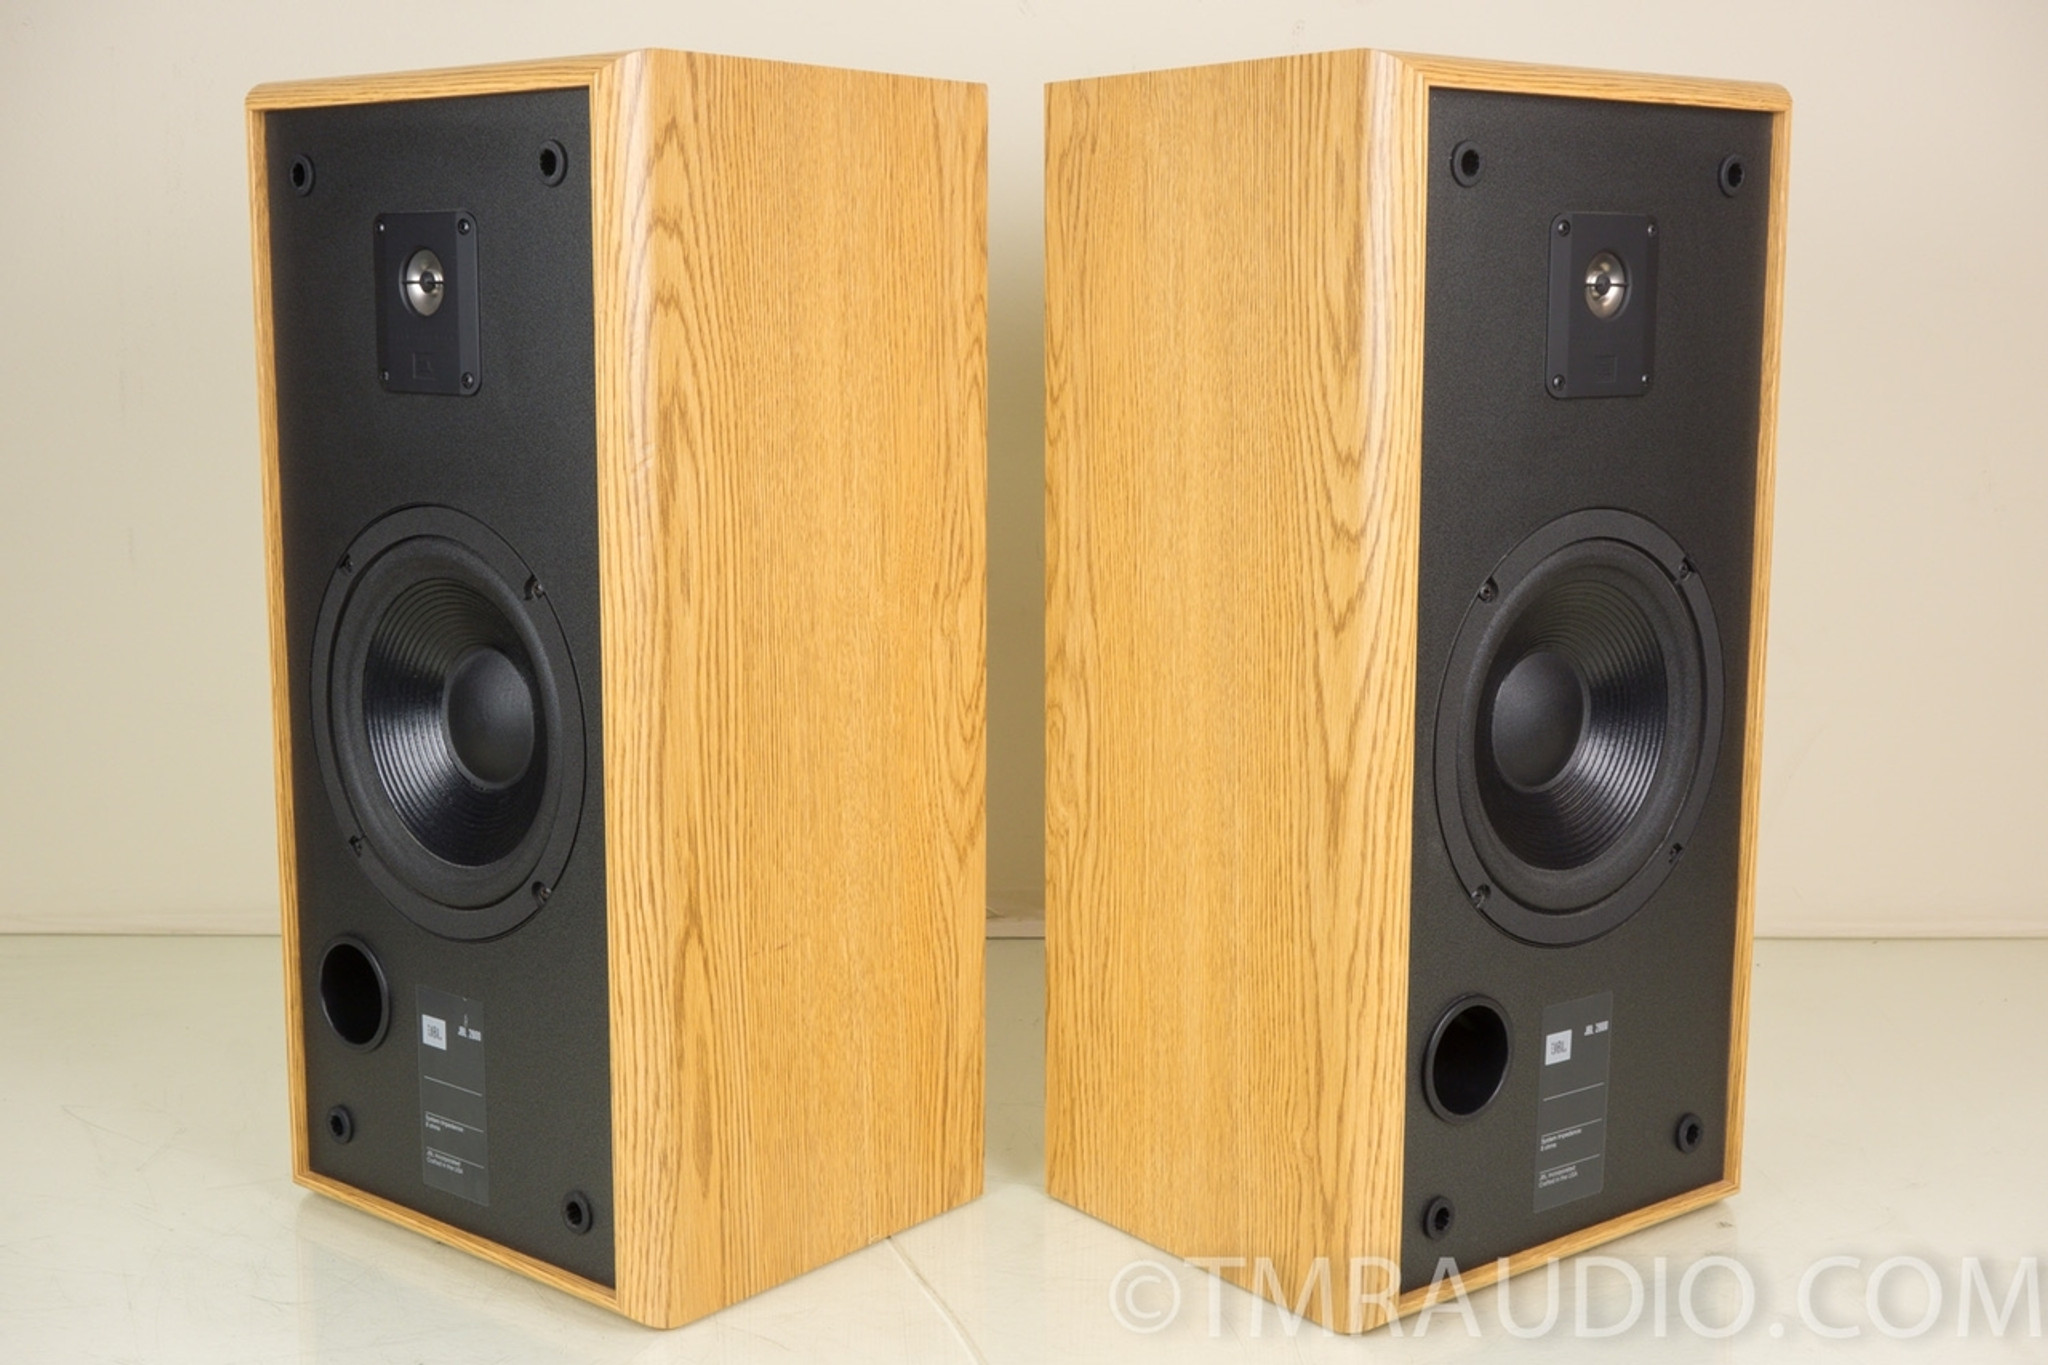 jbl 2800. jbl 2800; beautiful 2-way speakers jbl 2800 the music room